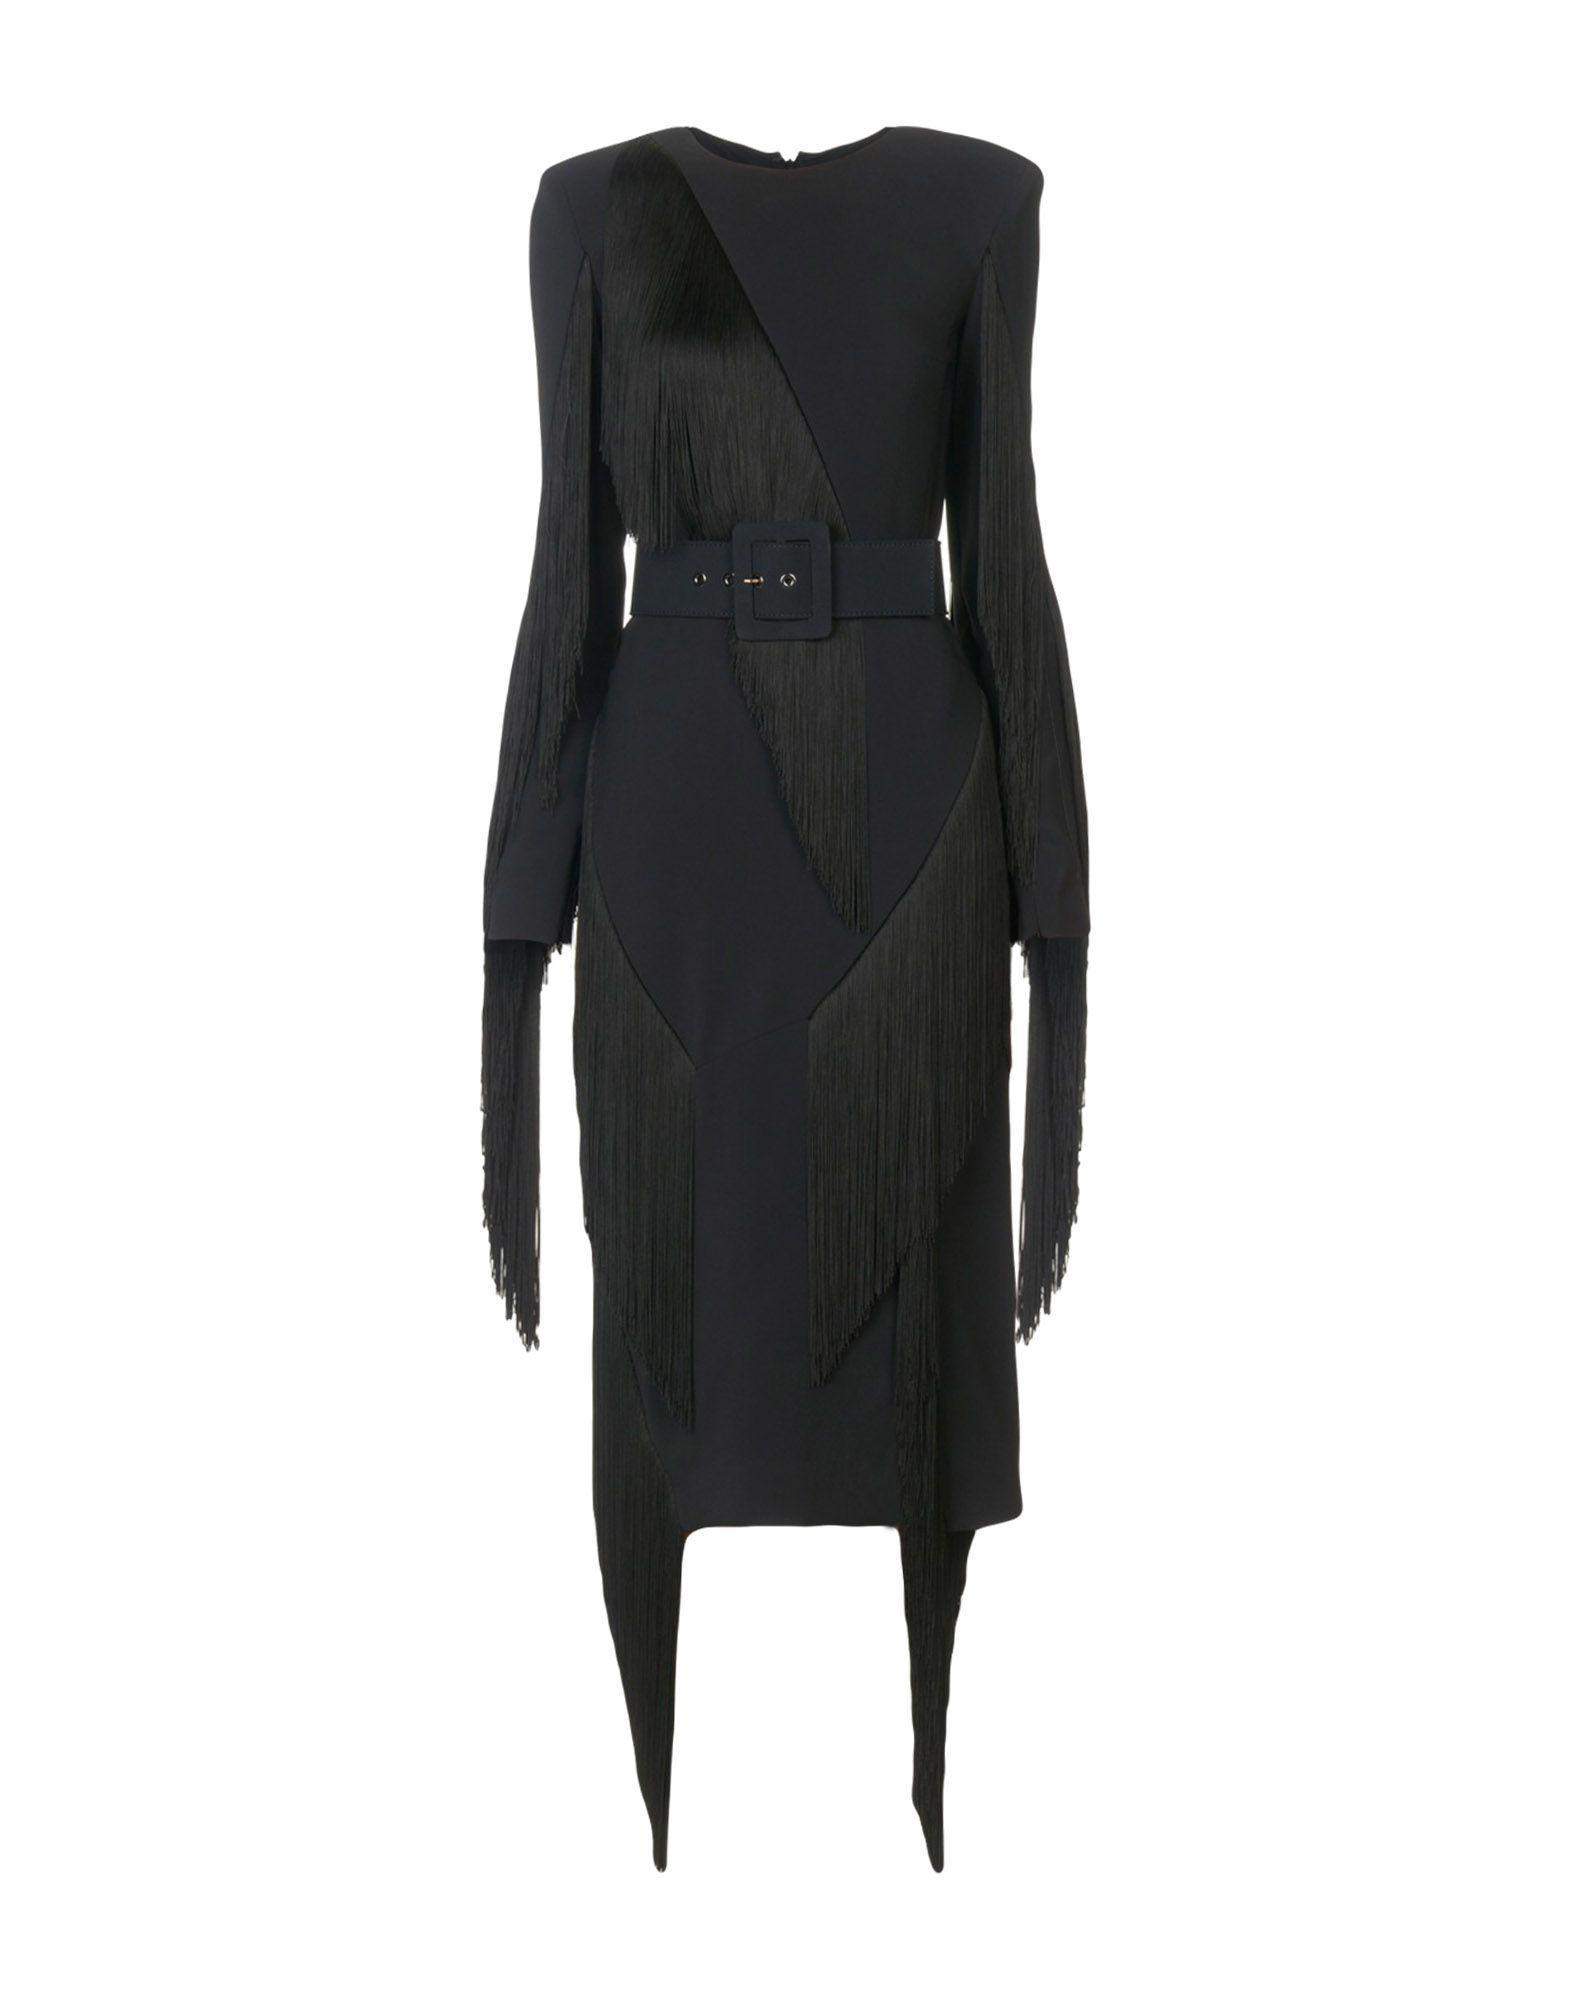 DRESSES - Knee-length dresses Brera Orologi DmHMUcgKvW